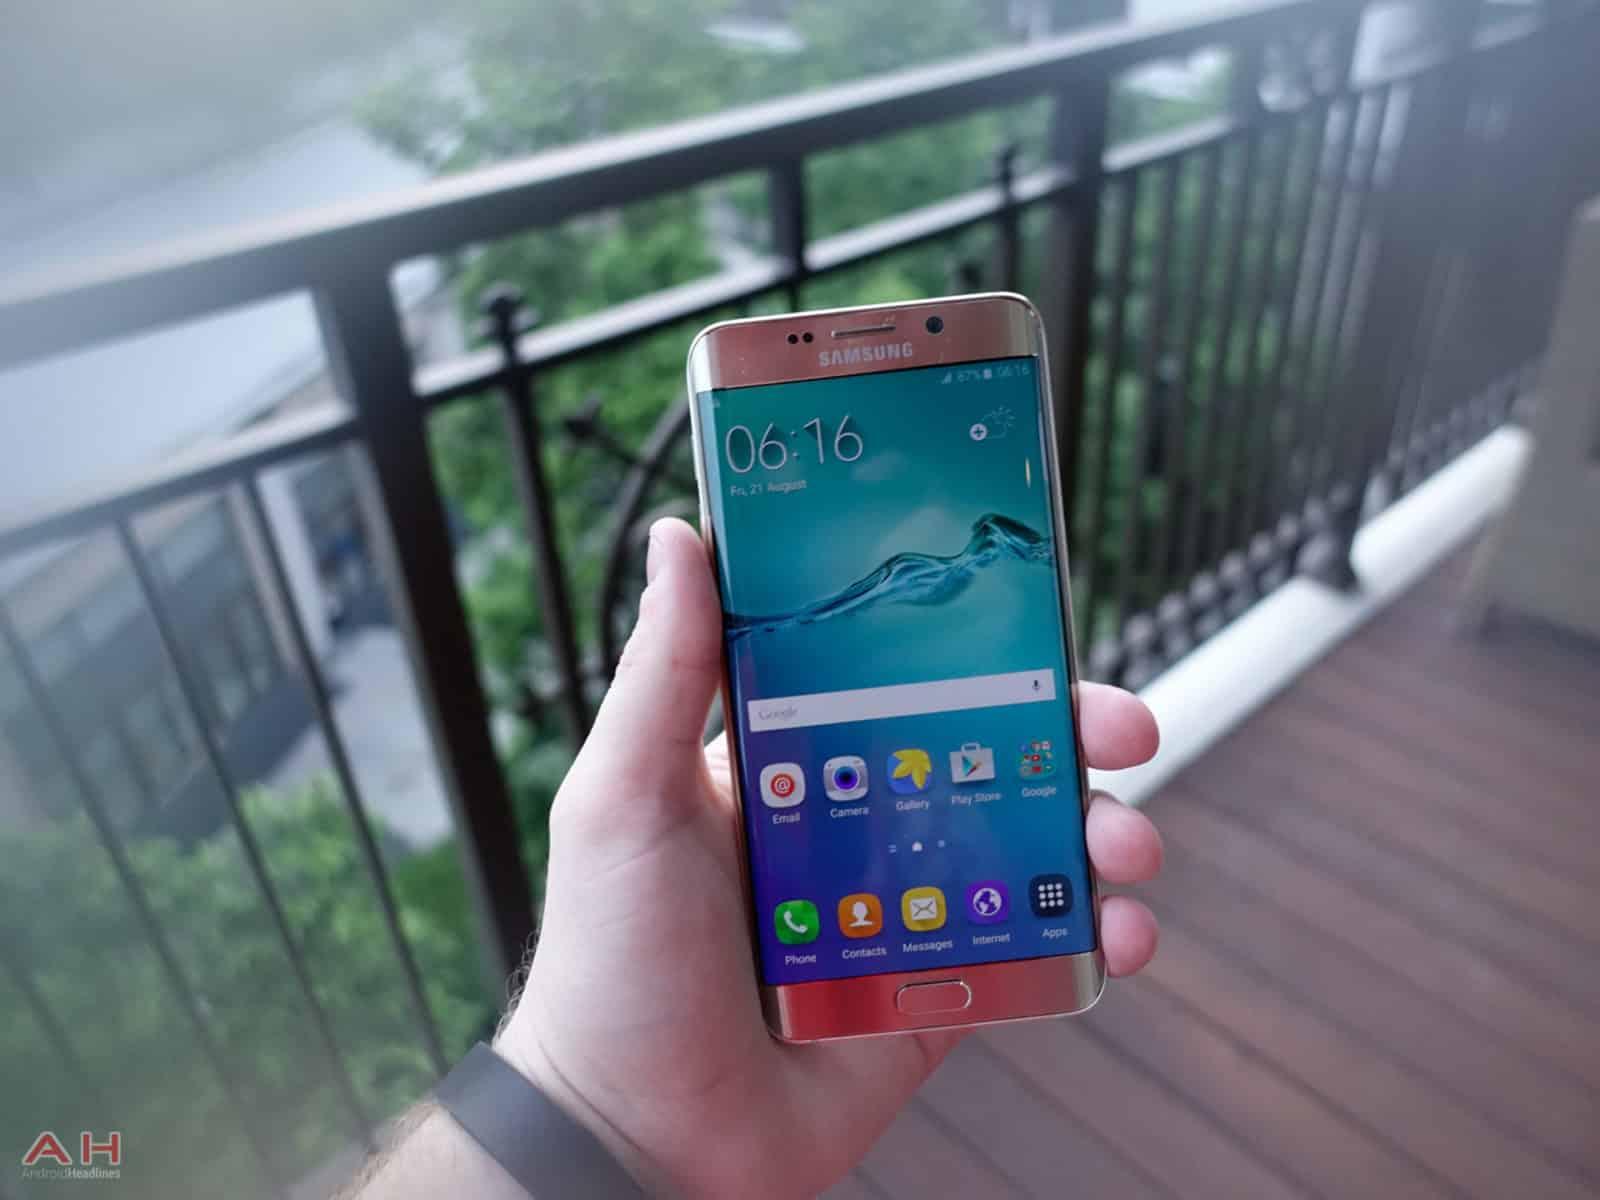 Samsung-Galaxy-S6-Edge-Plus-AH-13